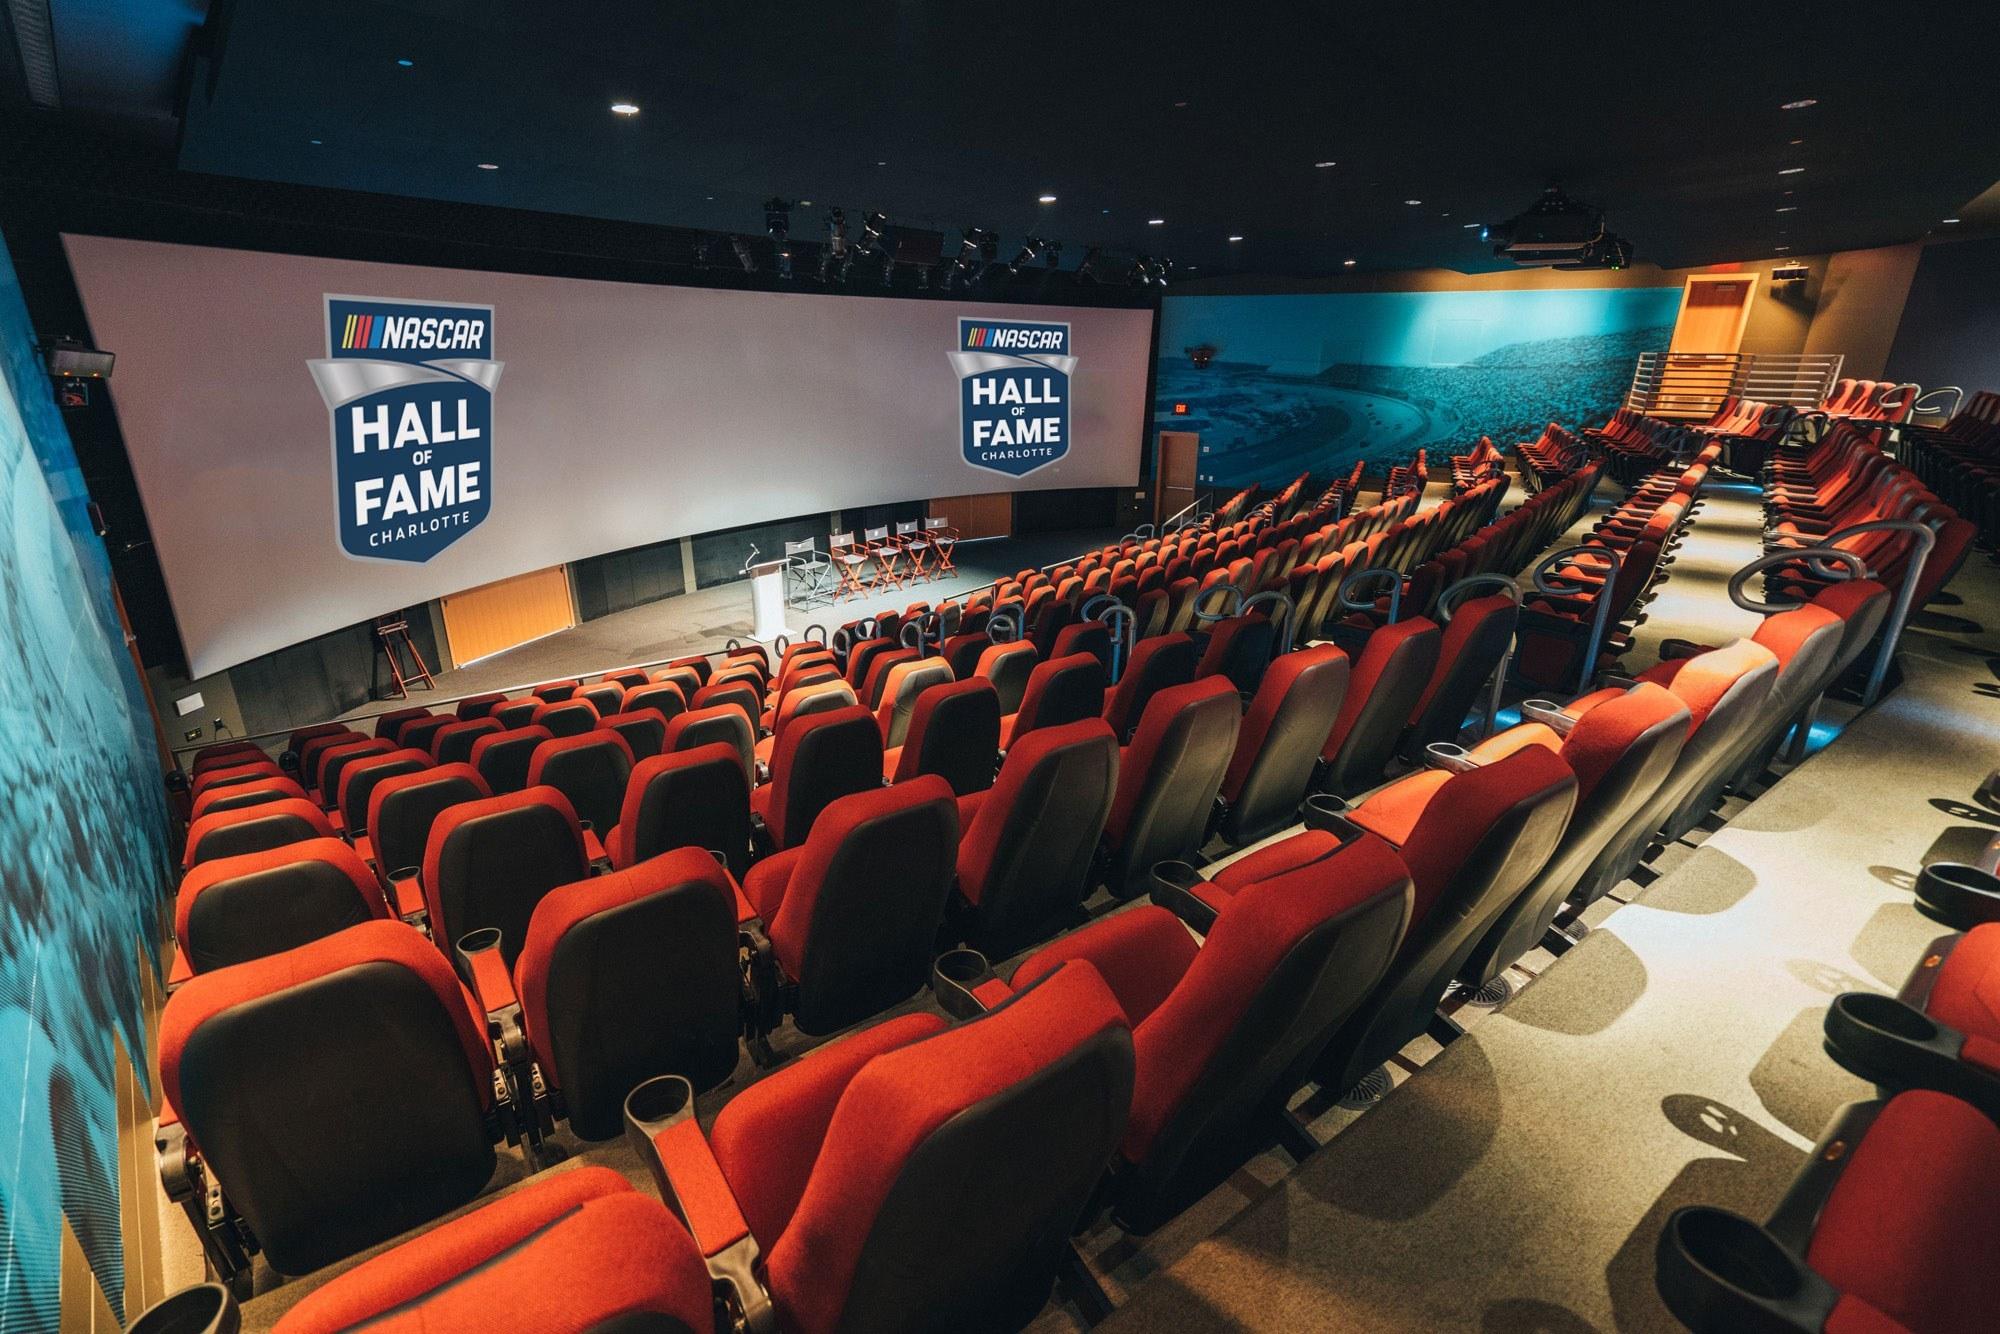 High Octane Theater & Lobby